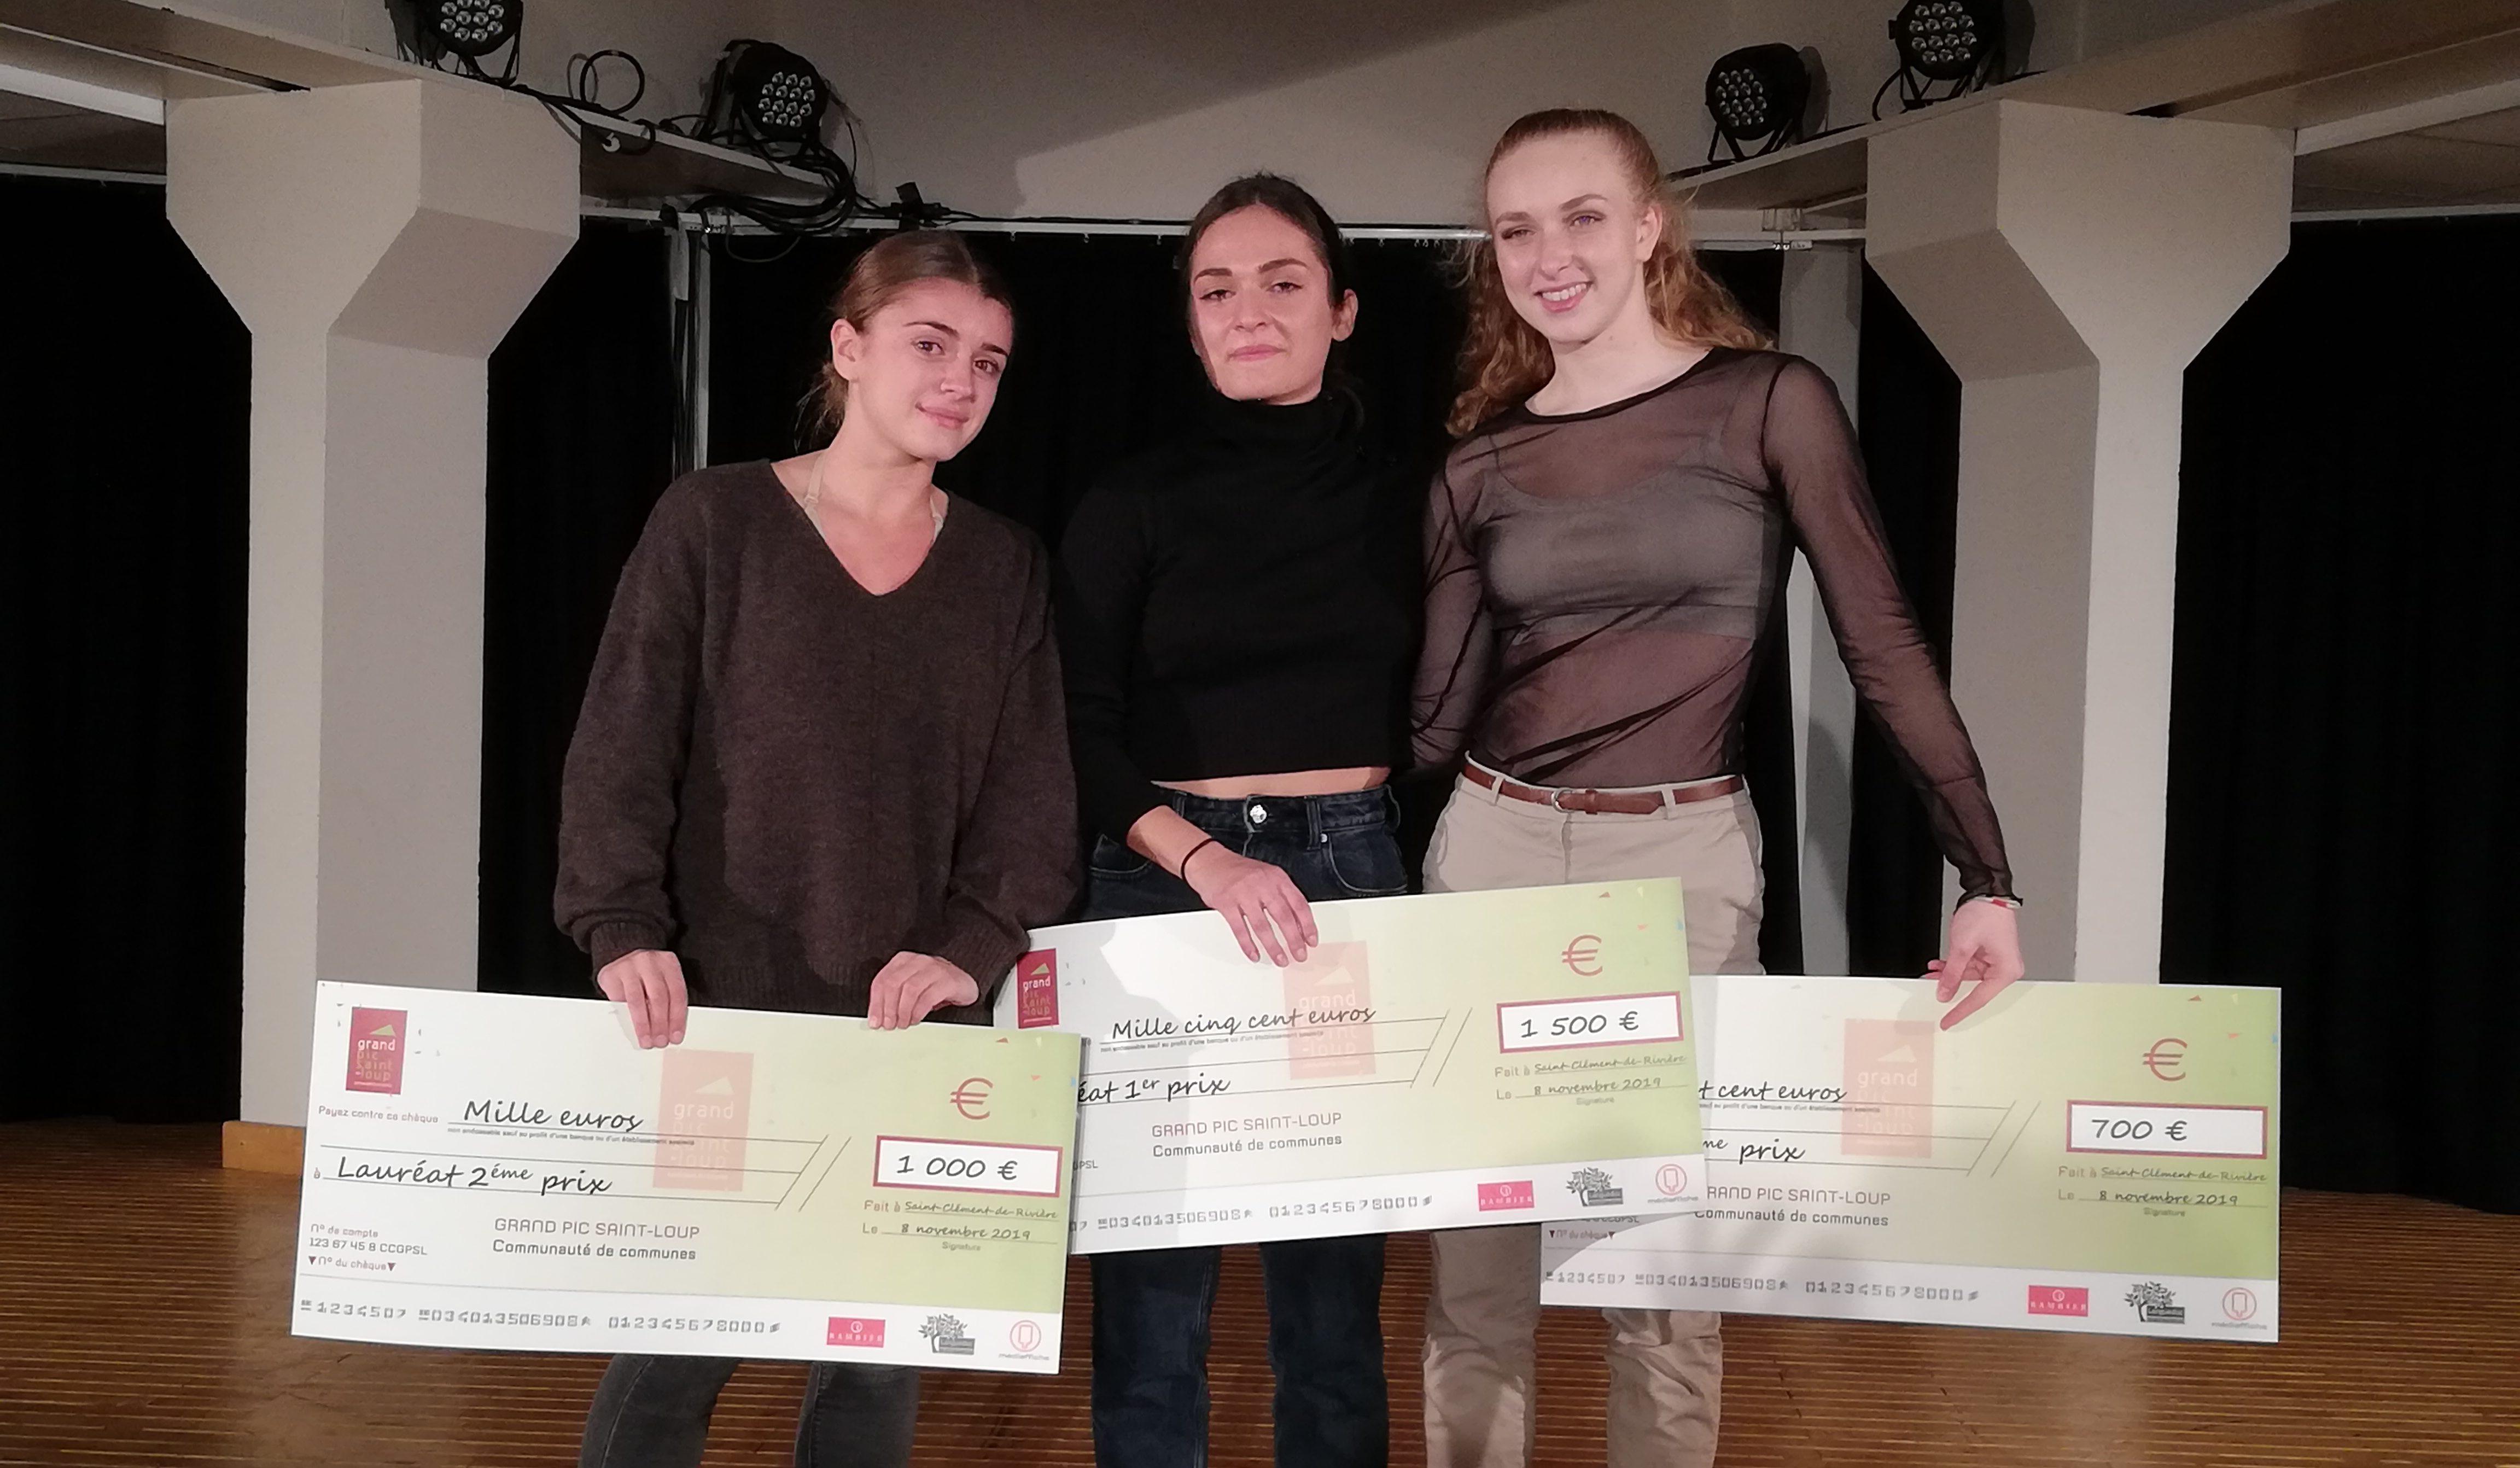 Le podium de la 3ème édition d'A pas de Loup. Photo : Coralie Pagès-Bouet